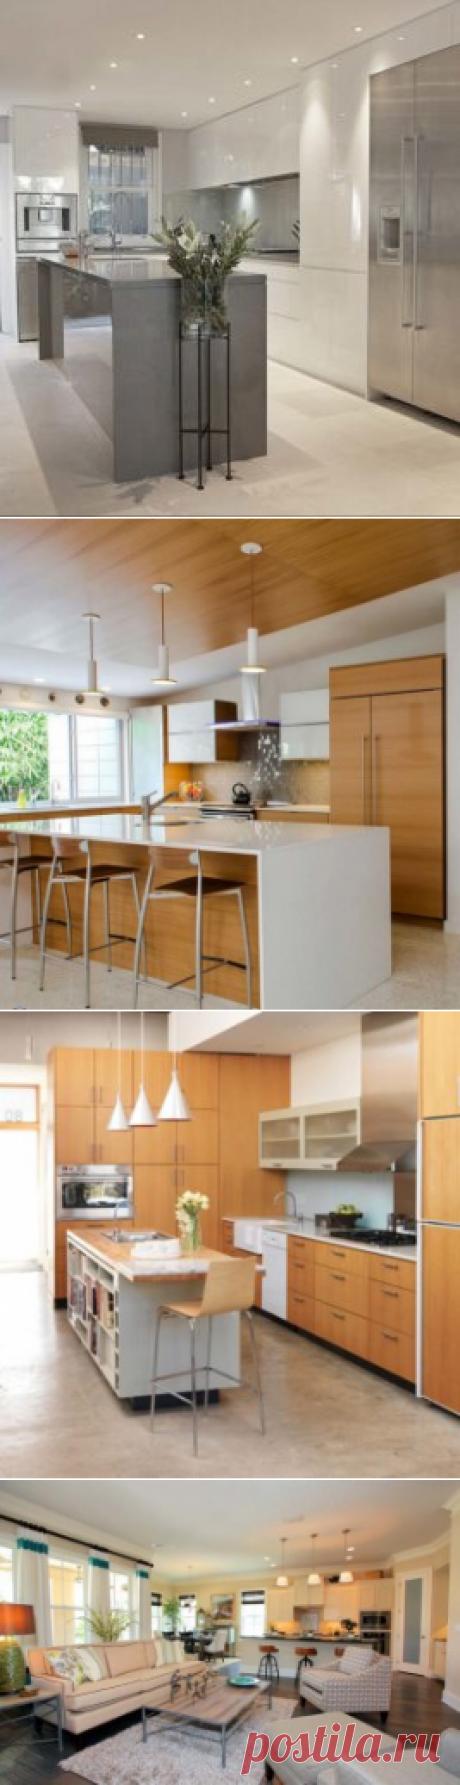 Дизайн интерьера кухни. Современные тенденции — Журнал по дизайну и культуре